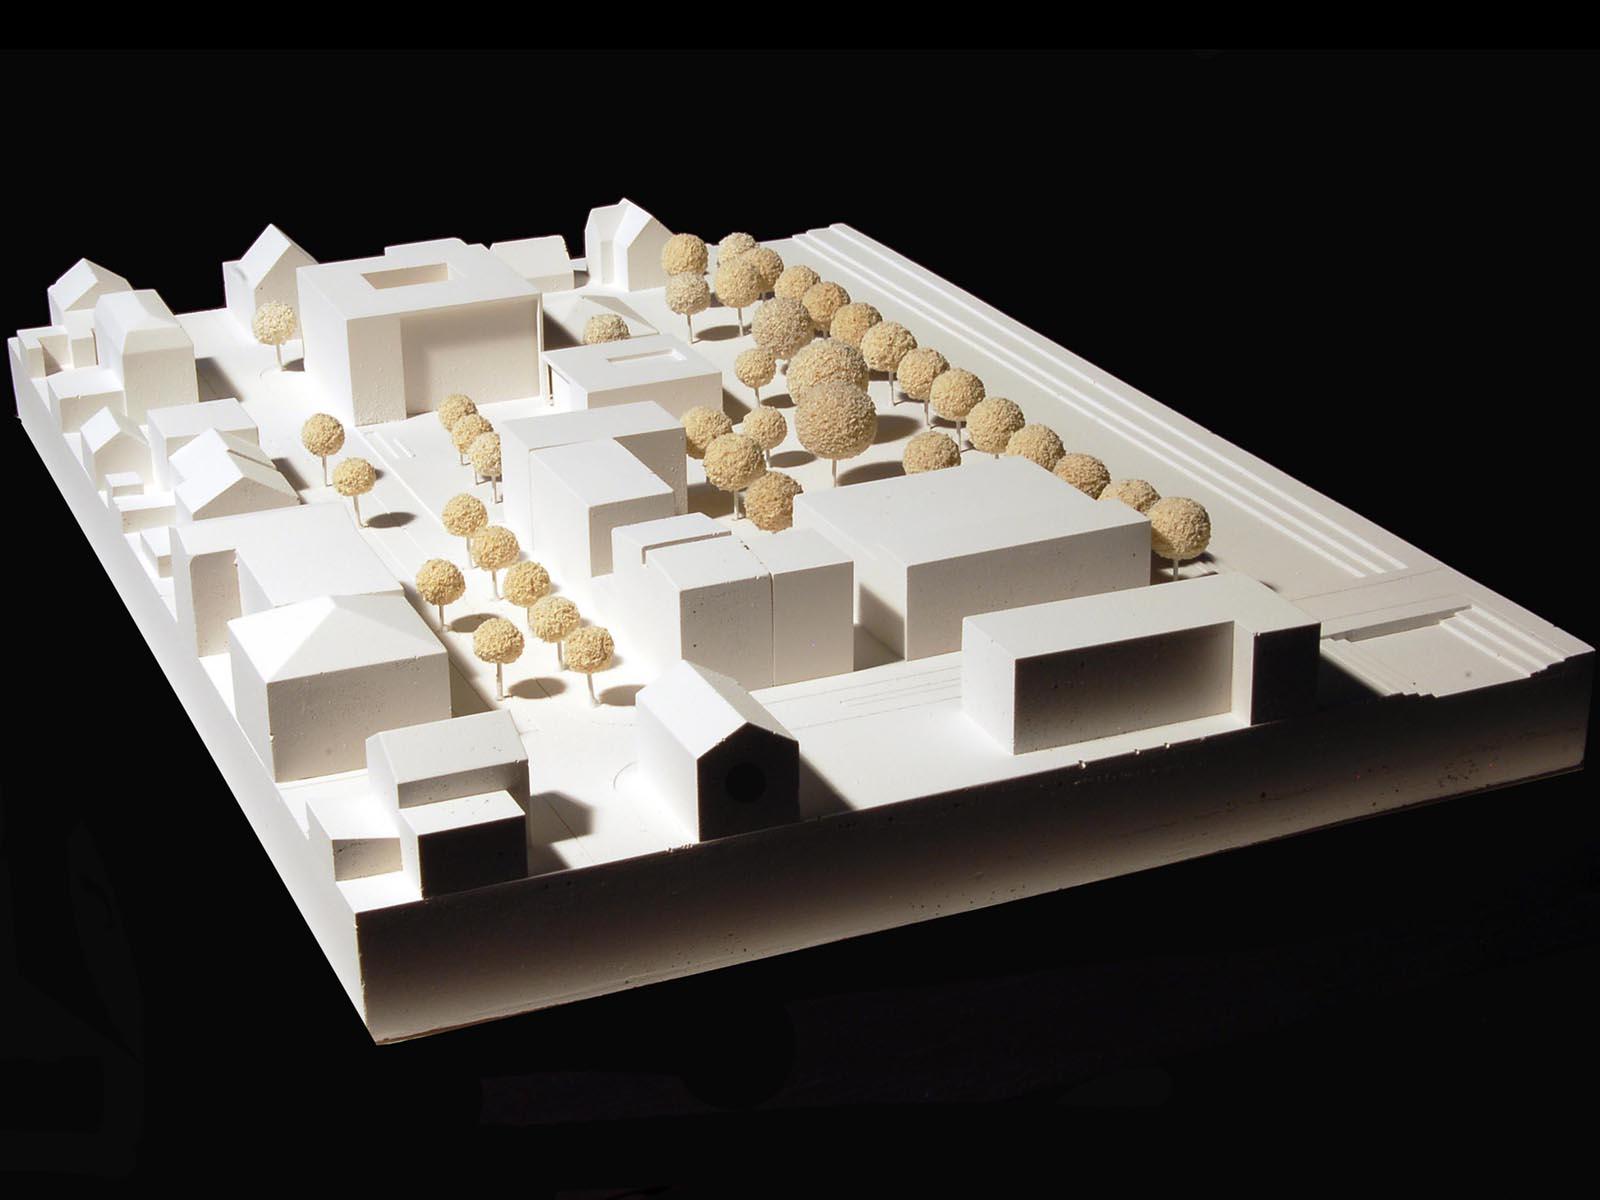 Modell-Neubau-Rathaus-Kolbermoor-Wettbewerb-4.Preis-2010-© Friedrich-Poerschke-Zwink-Architekte